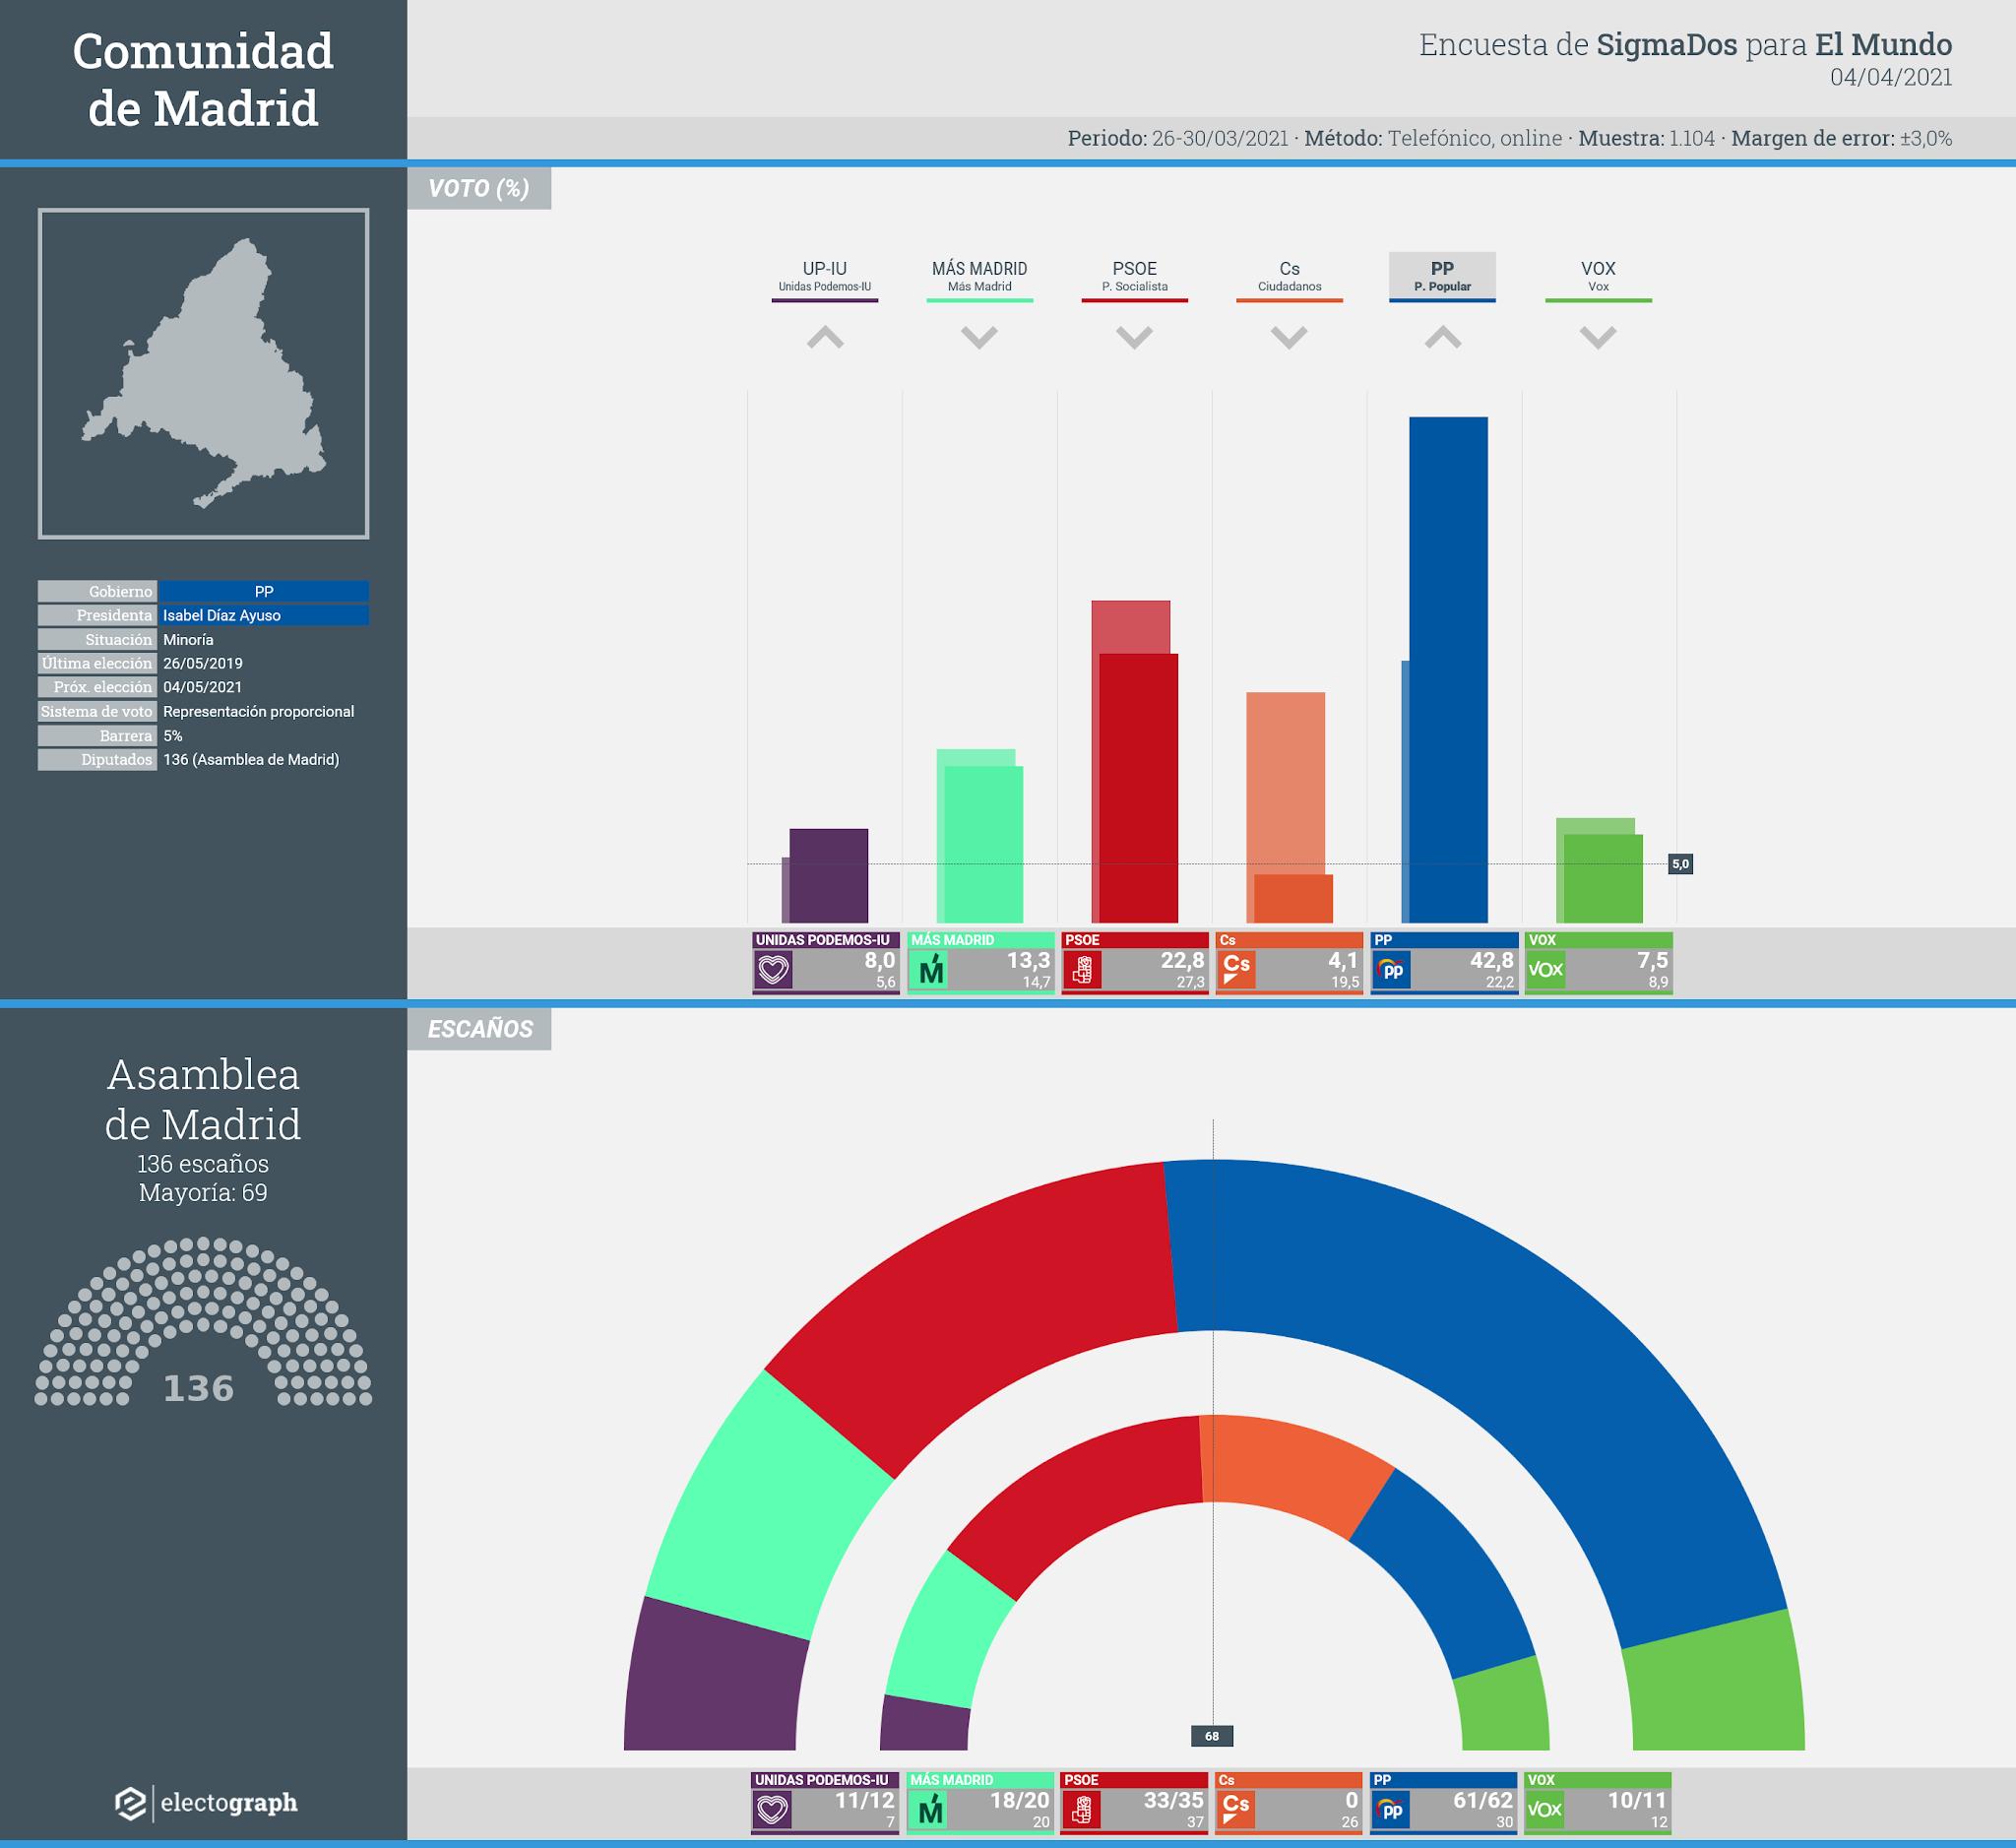 Gráfico de la encuesta para elecciones autonómicas en la Comunidad de Madrid realizada por SigmaDos para El Mundo, 4 de abril de 2021